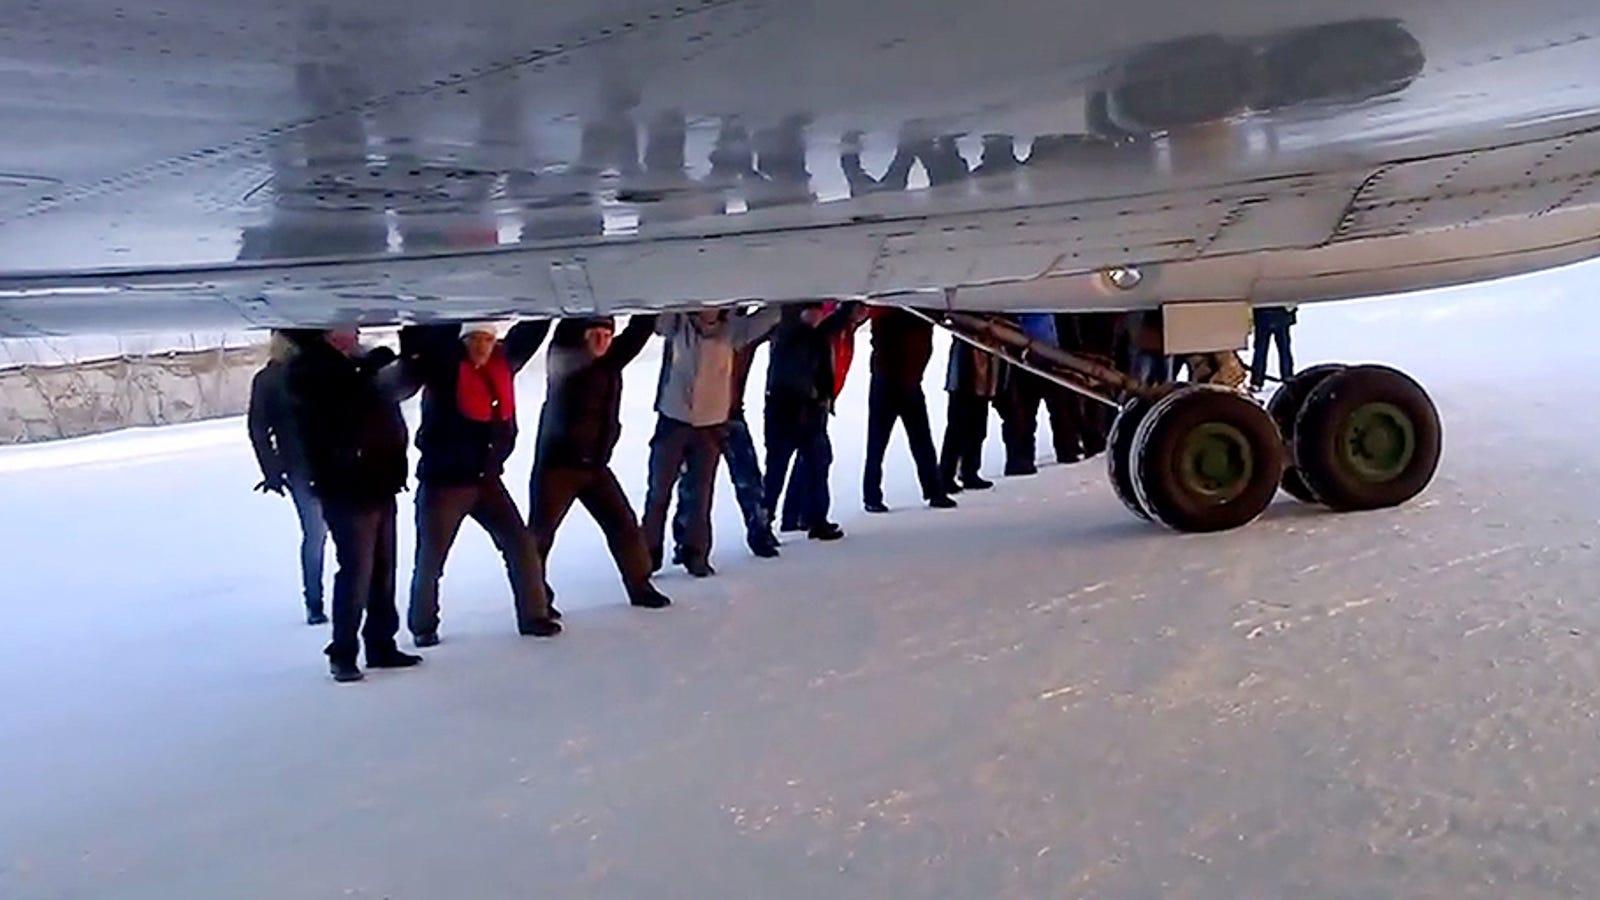 Así arrancan en Siberia un avión averiado de 30 toneladas: empujando